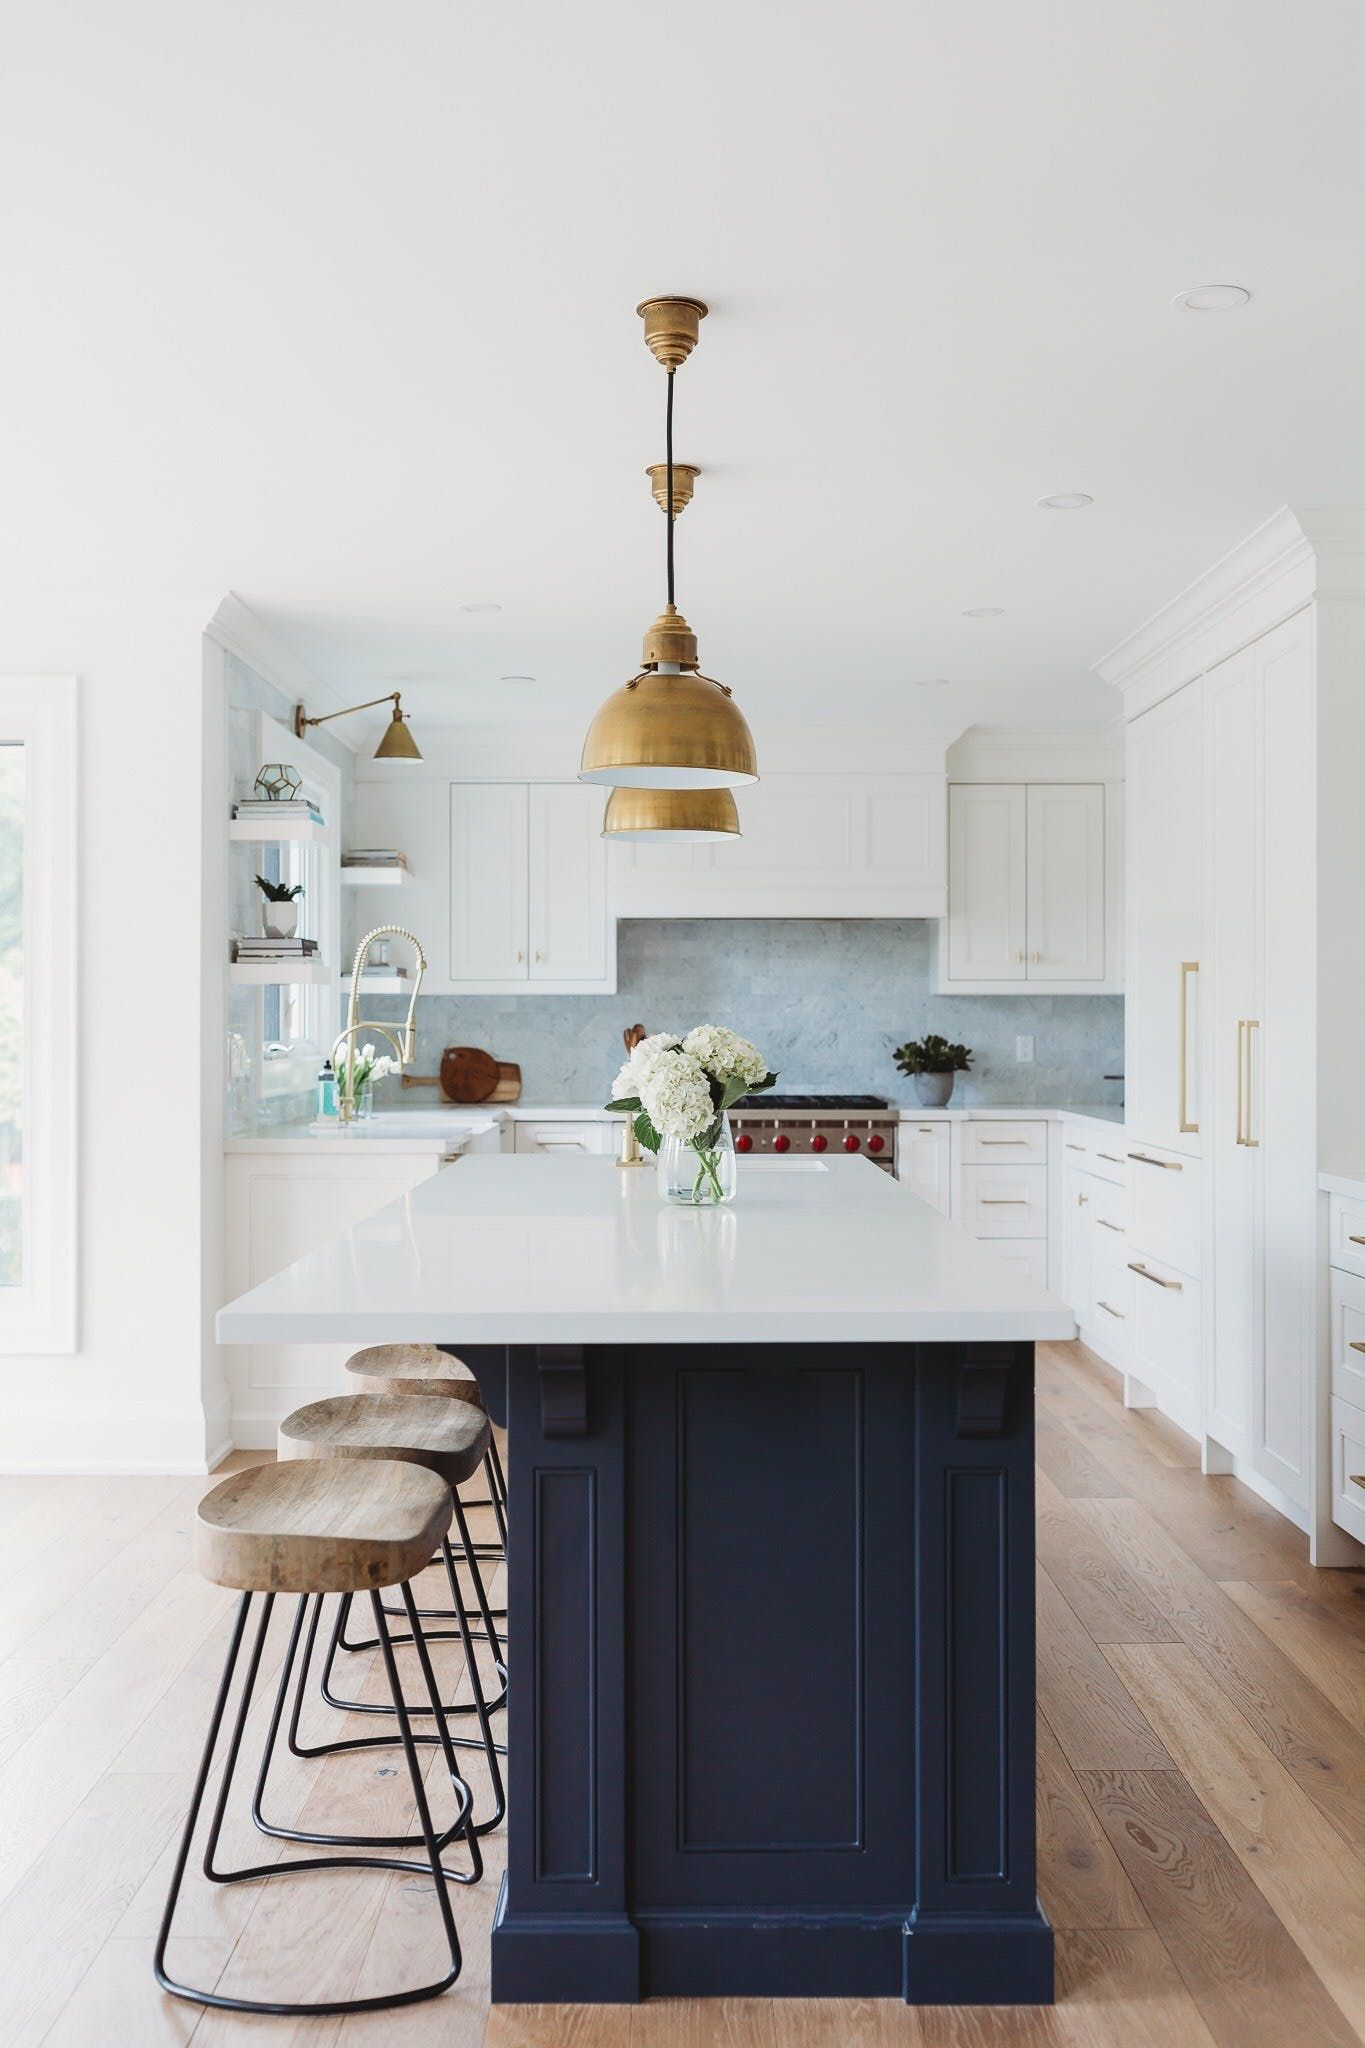 Read More Https Www Stylemepretty Com Vault Image 6791106 Farmhouse Kitchen Design Interior Design Kitchen Kitchen Design